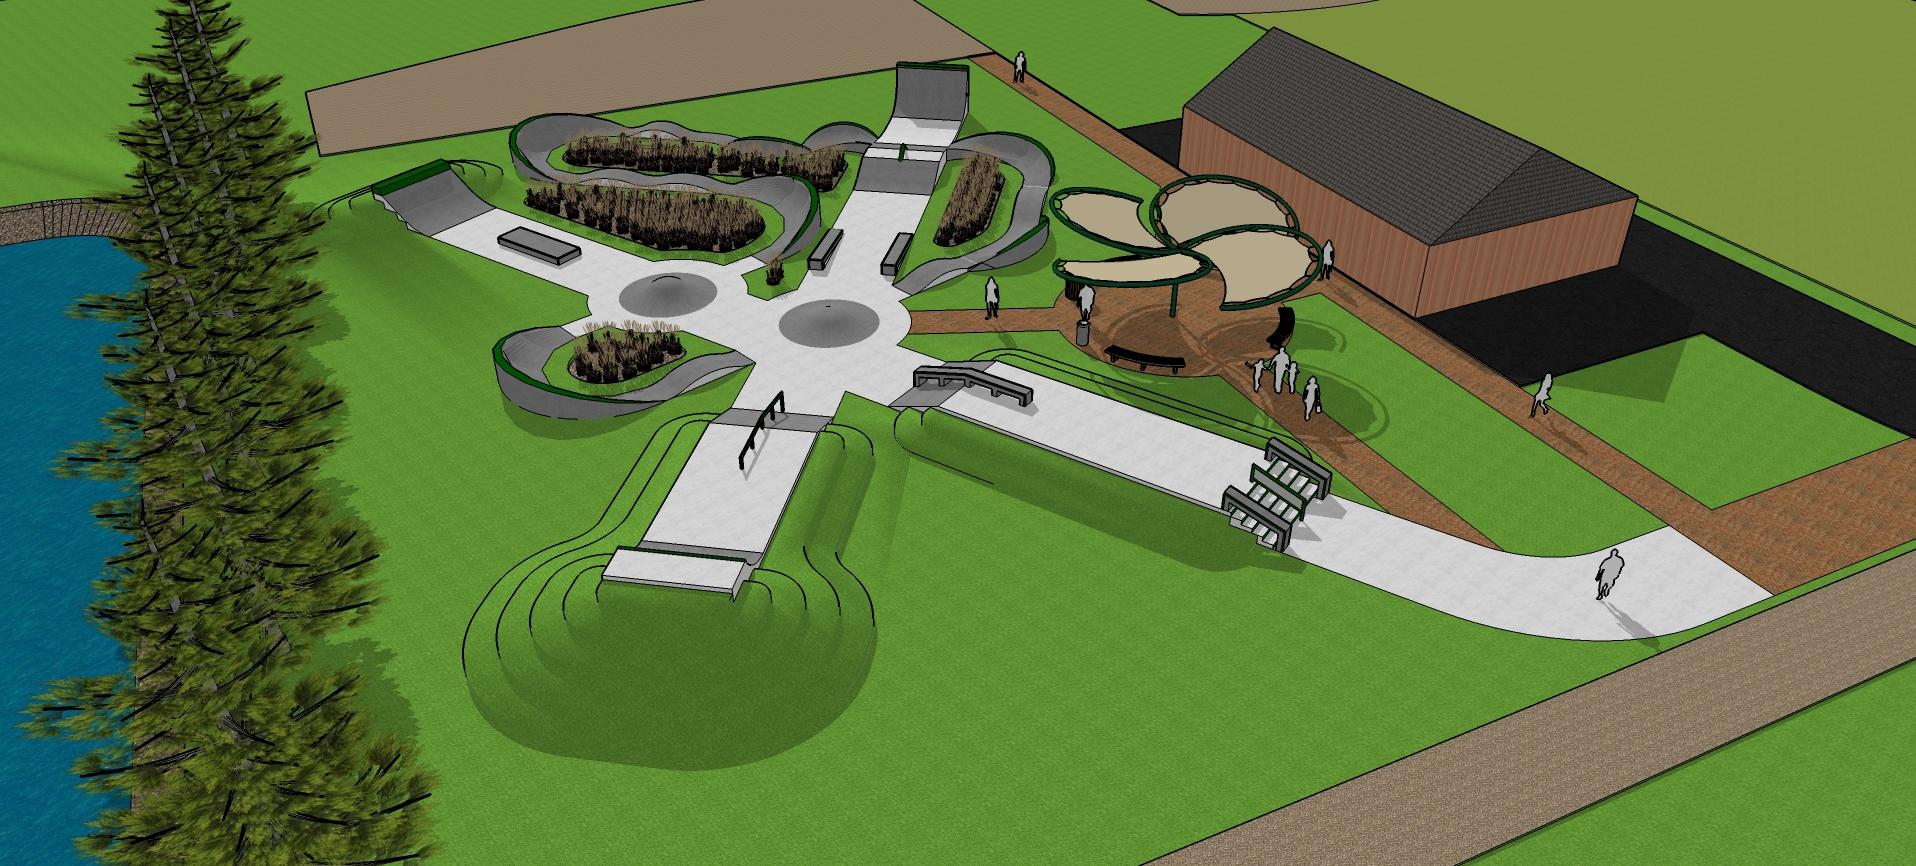 Glen Hart Memorial Skatepark 1.jpg